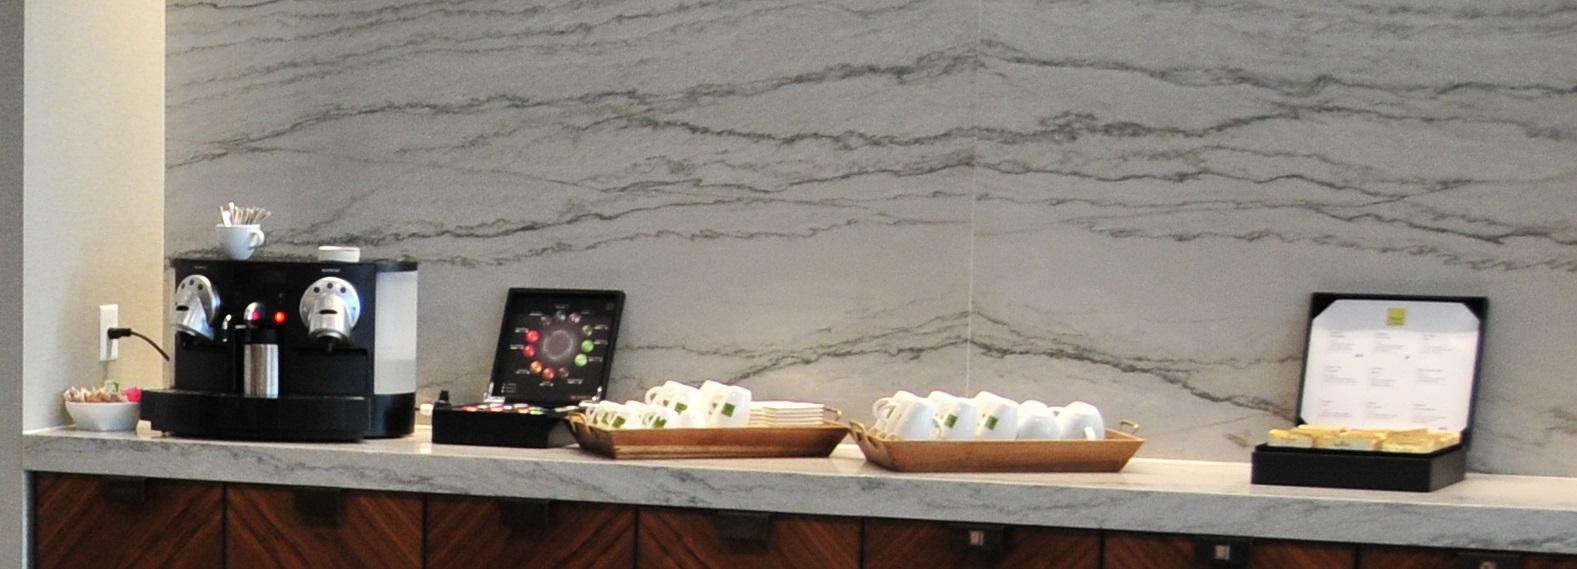 White & Case Lobby Coffee Bar